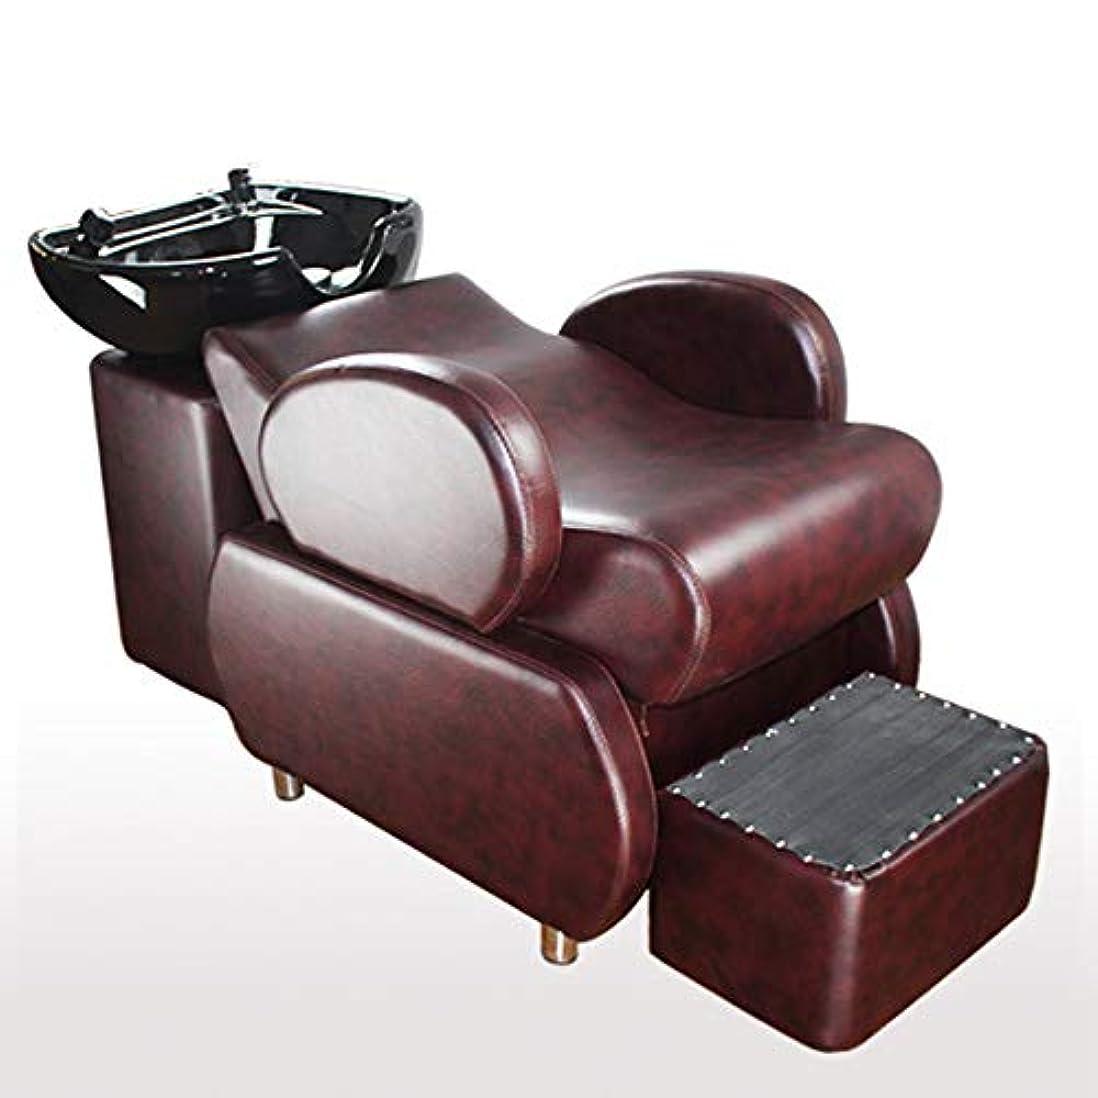 神経障害プレビュー先入観シャンプー椅子、逆洗ユニットシャンプーボウル理髪シンク椅子半横たわっているシャンプーベッドスパ美容院機器